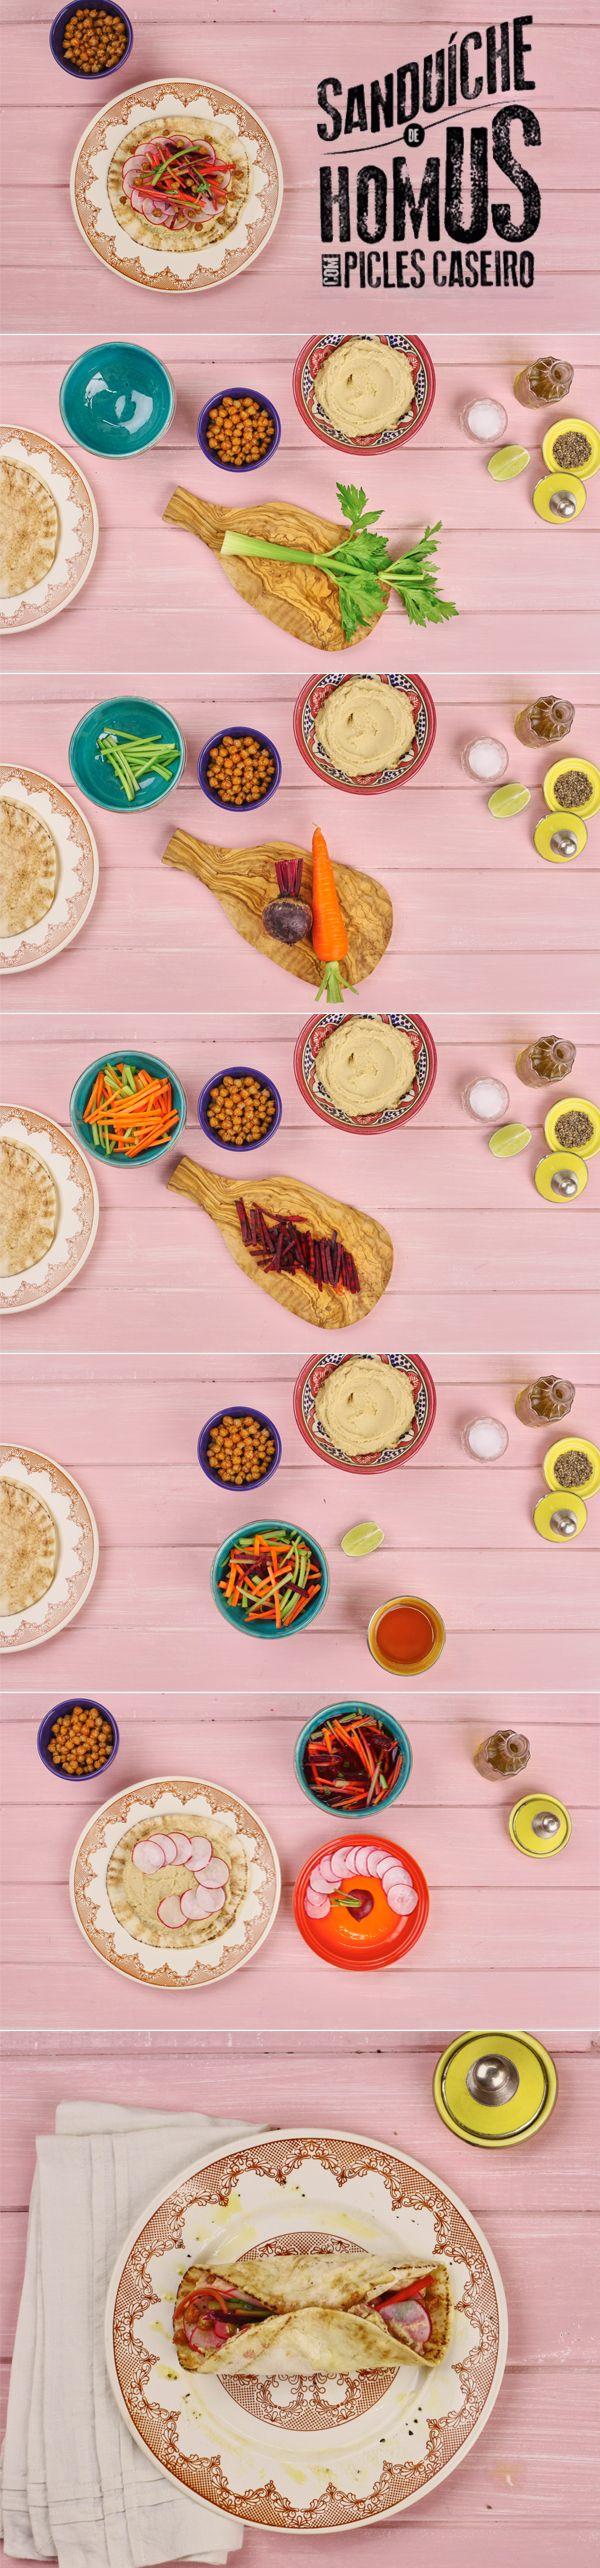 Receita do Panelinha de sanduíche de homus com picles de legumes caseiro. Saborosa, esta receita é uma homenagem para quem é bom de bico. E sem essa de lanchinho: o sanduíche de homus com picles de legumes caseiro pode ser servido como prato principal!